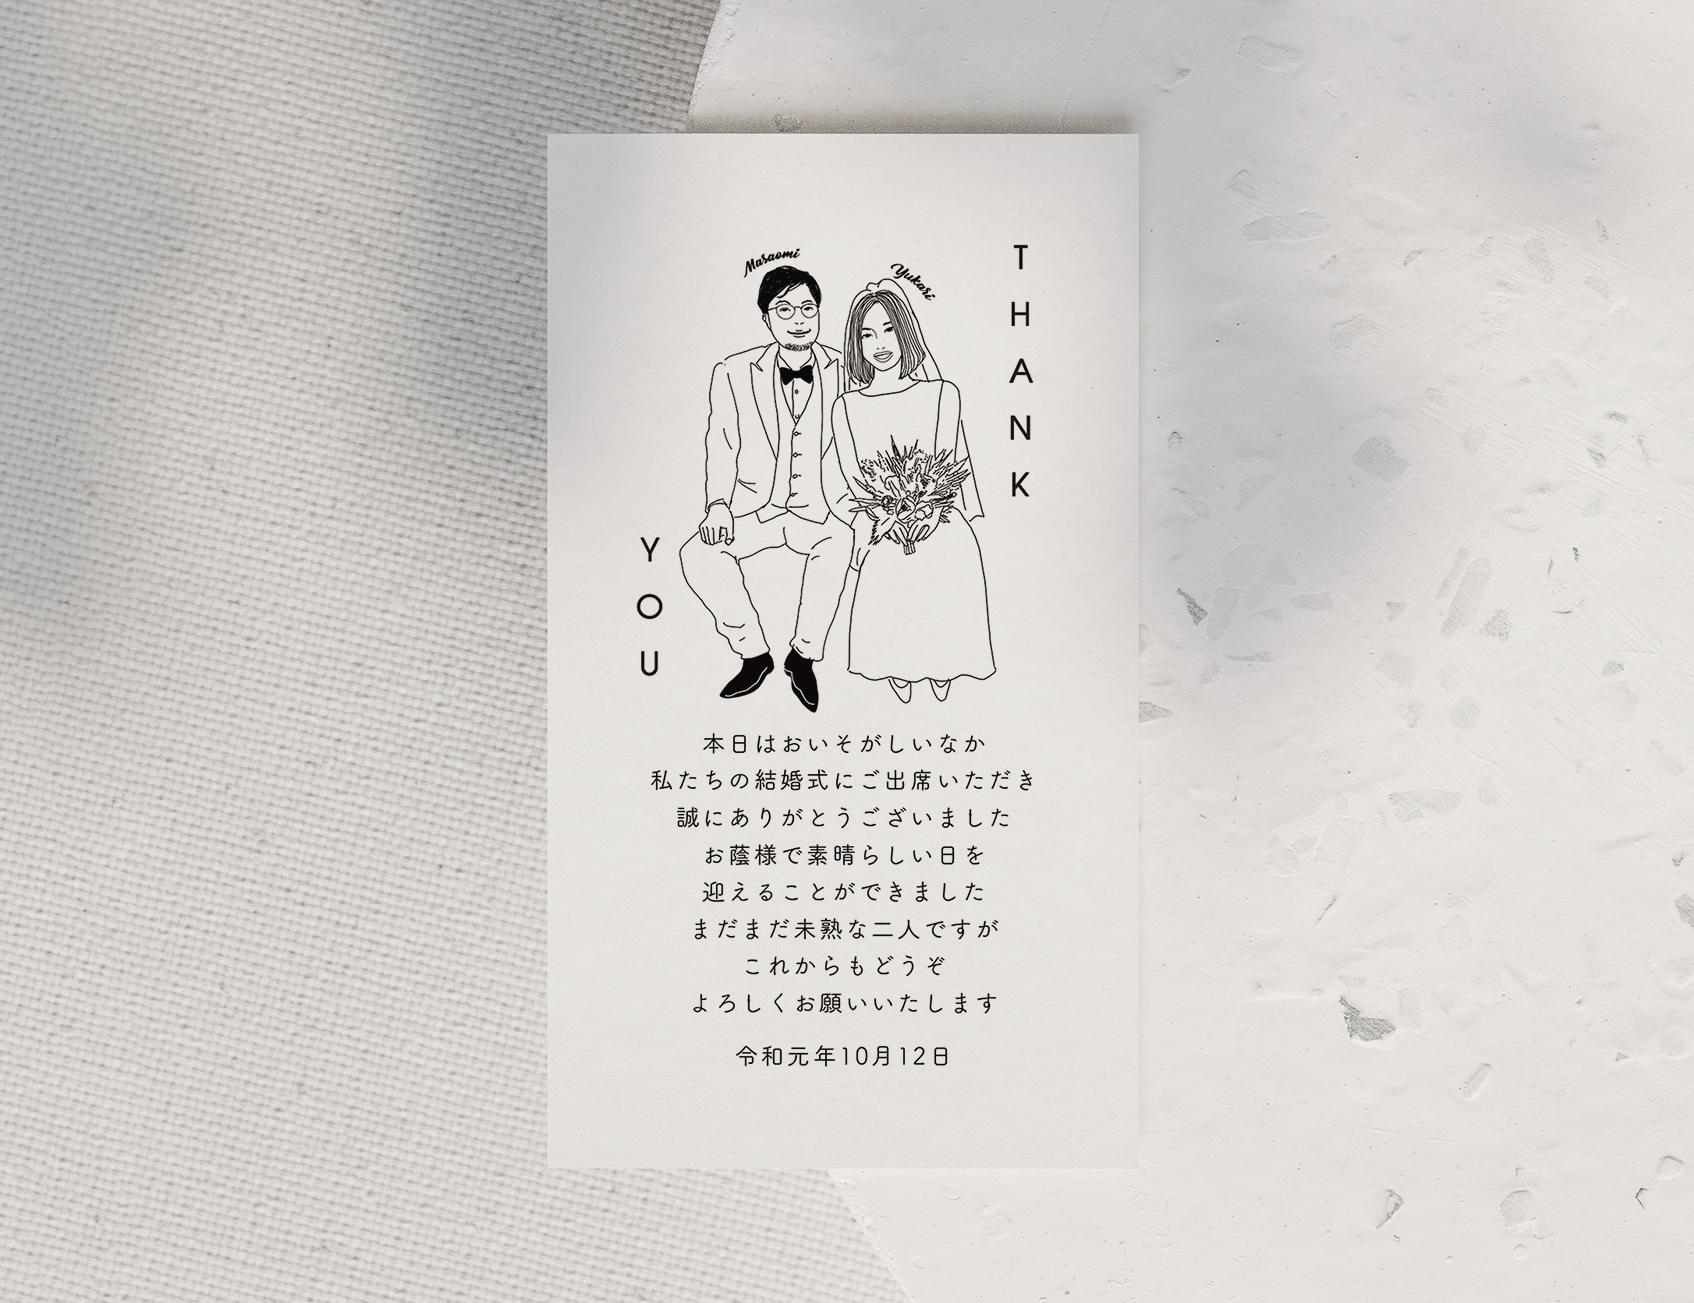 ファッション誌風 似顔絵サンキューカード?A 印刷代込│結婚式 ウェディング ヒキタクカード